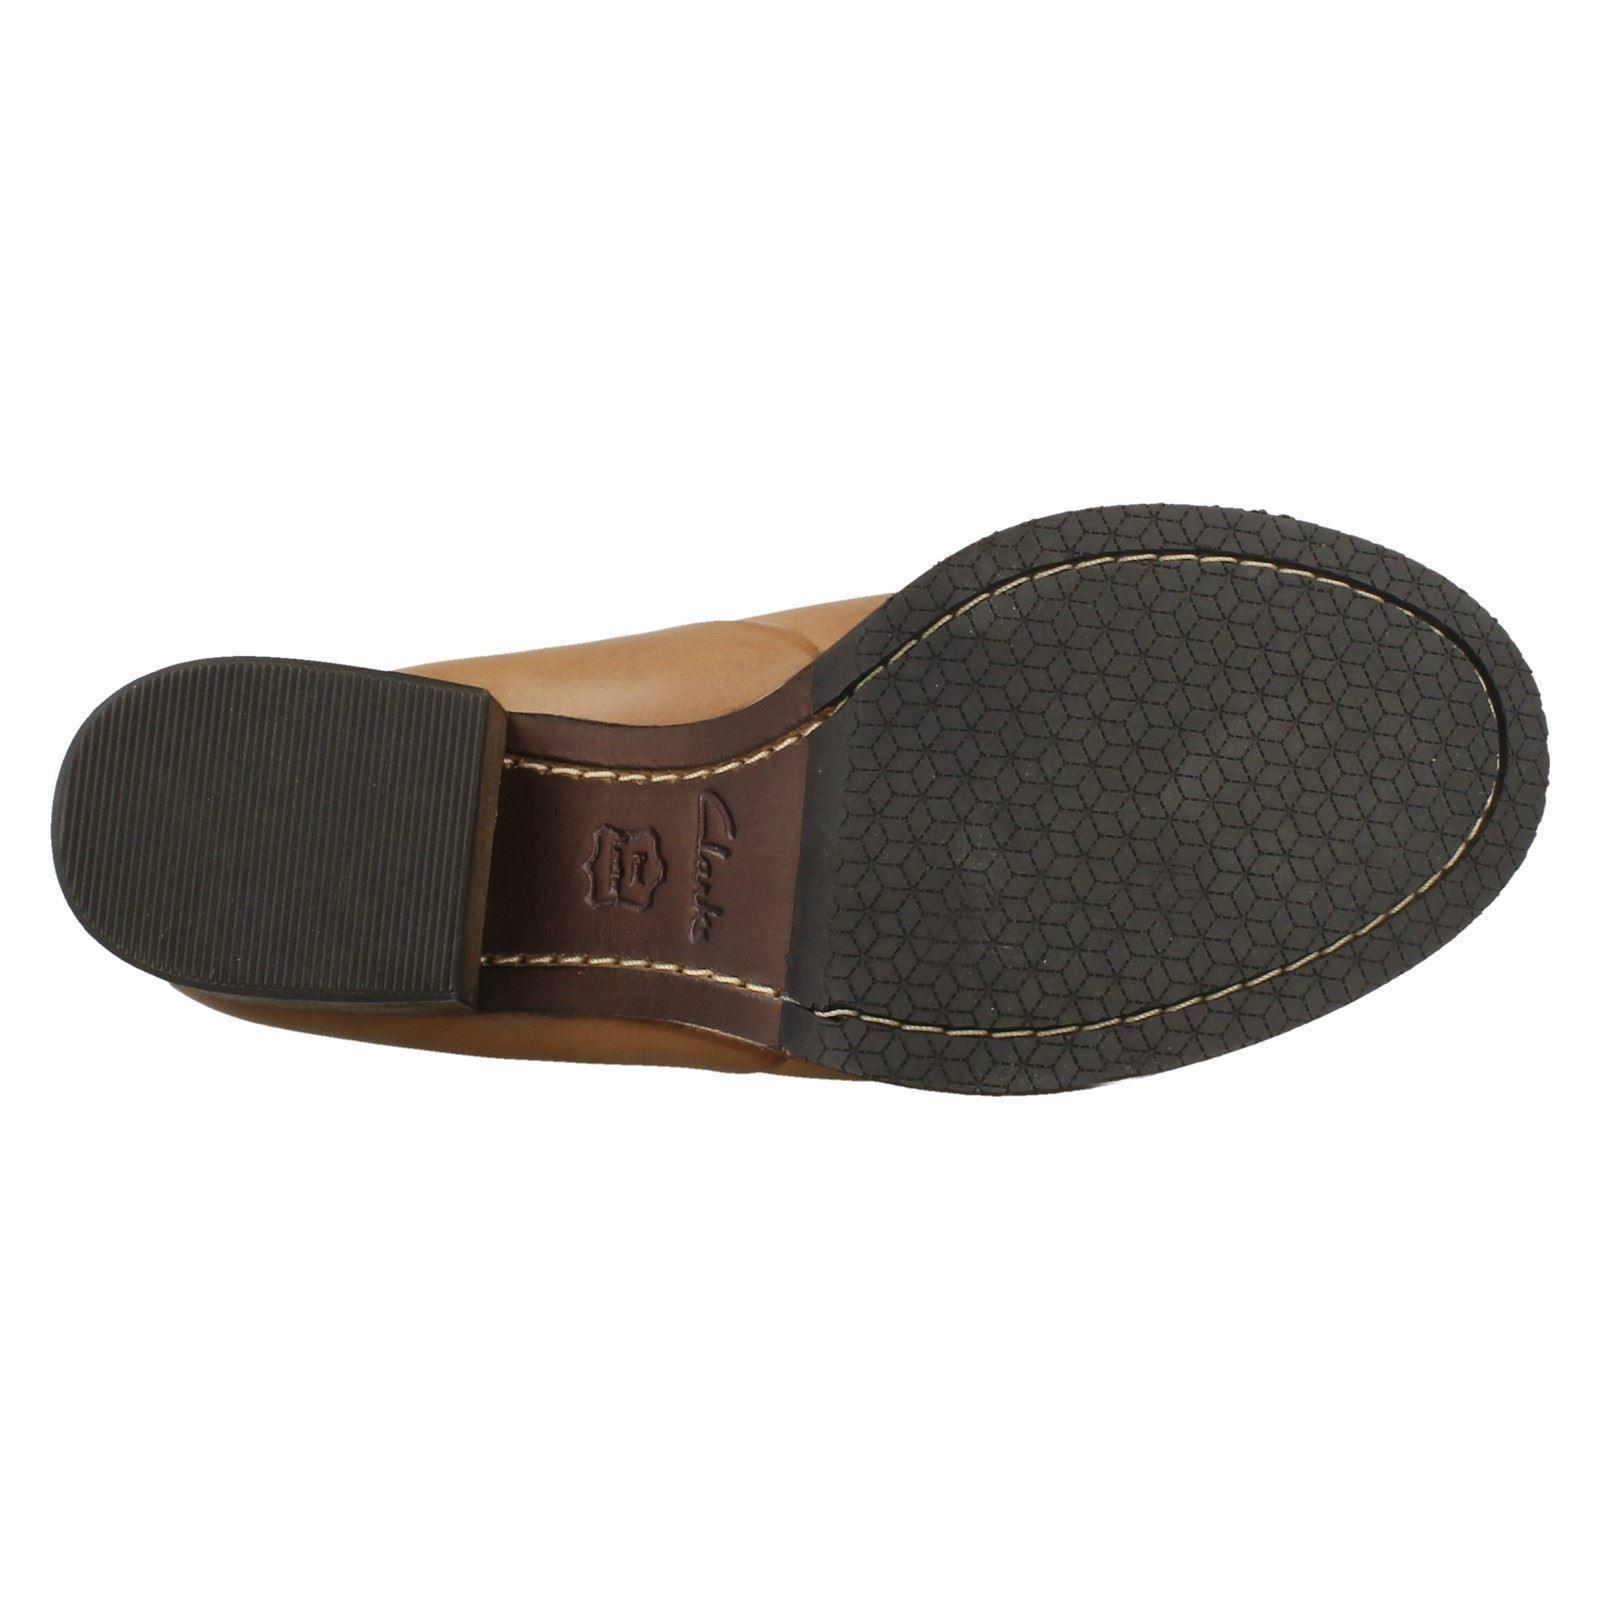 Clarks Stivaletti Monica Pearl | Stili diversi  | Uomini/Donne Scarpa  Scarpa  Scarpa  b56826